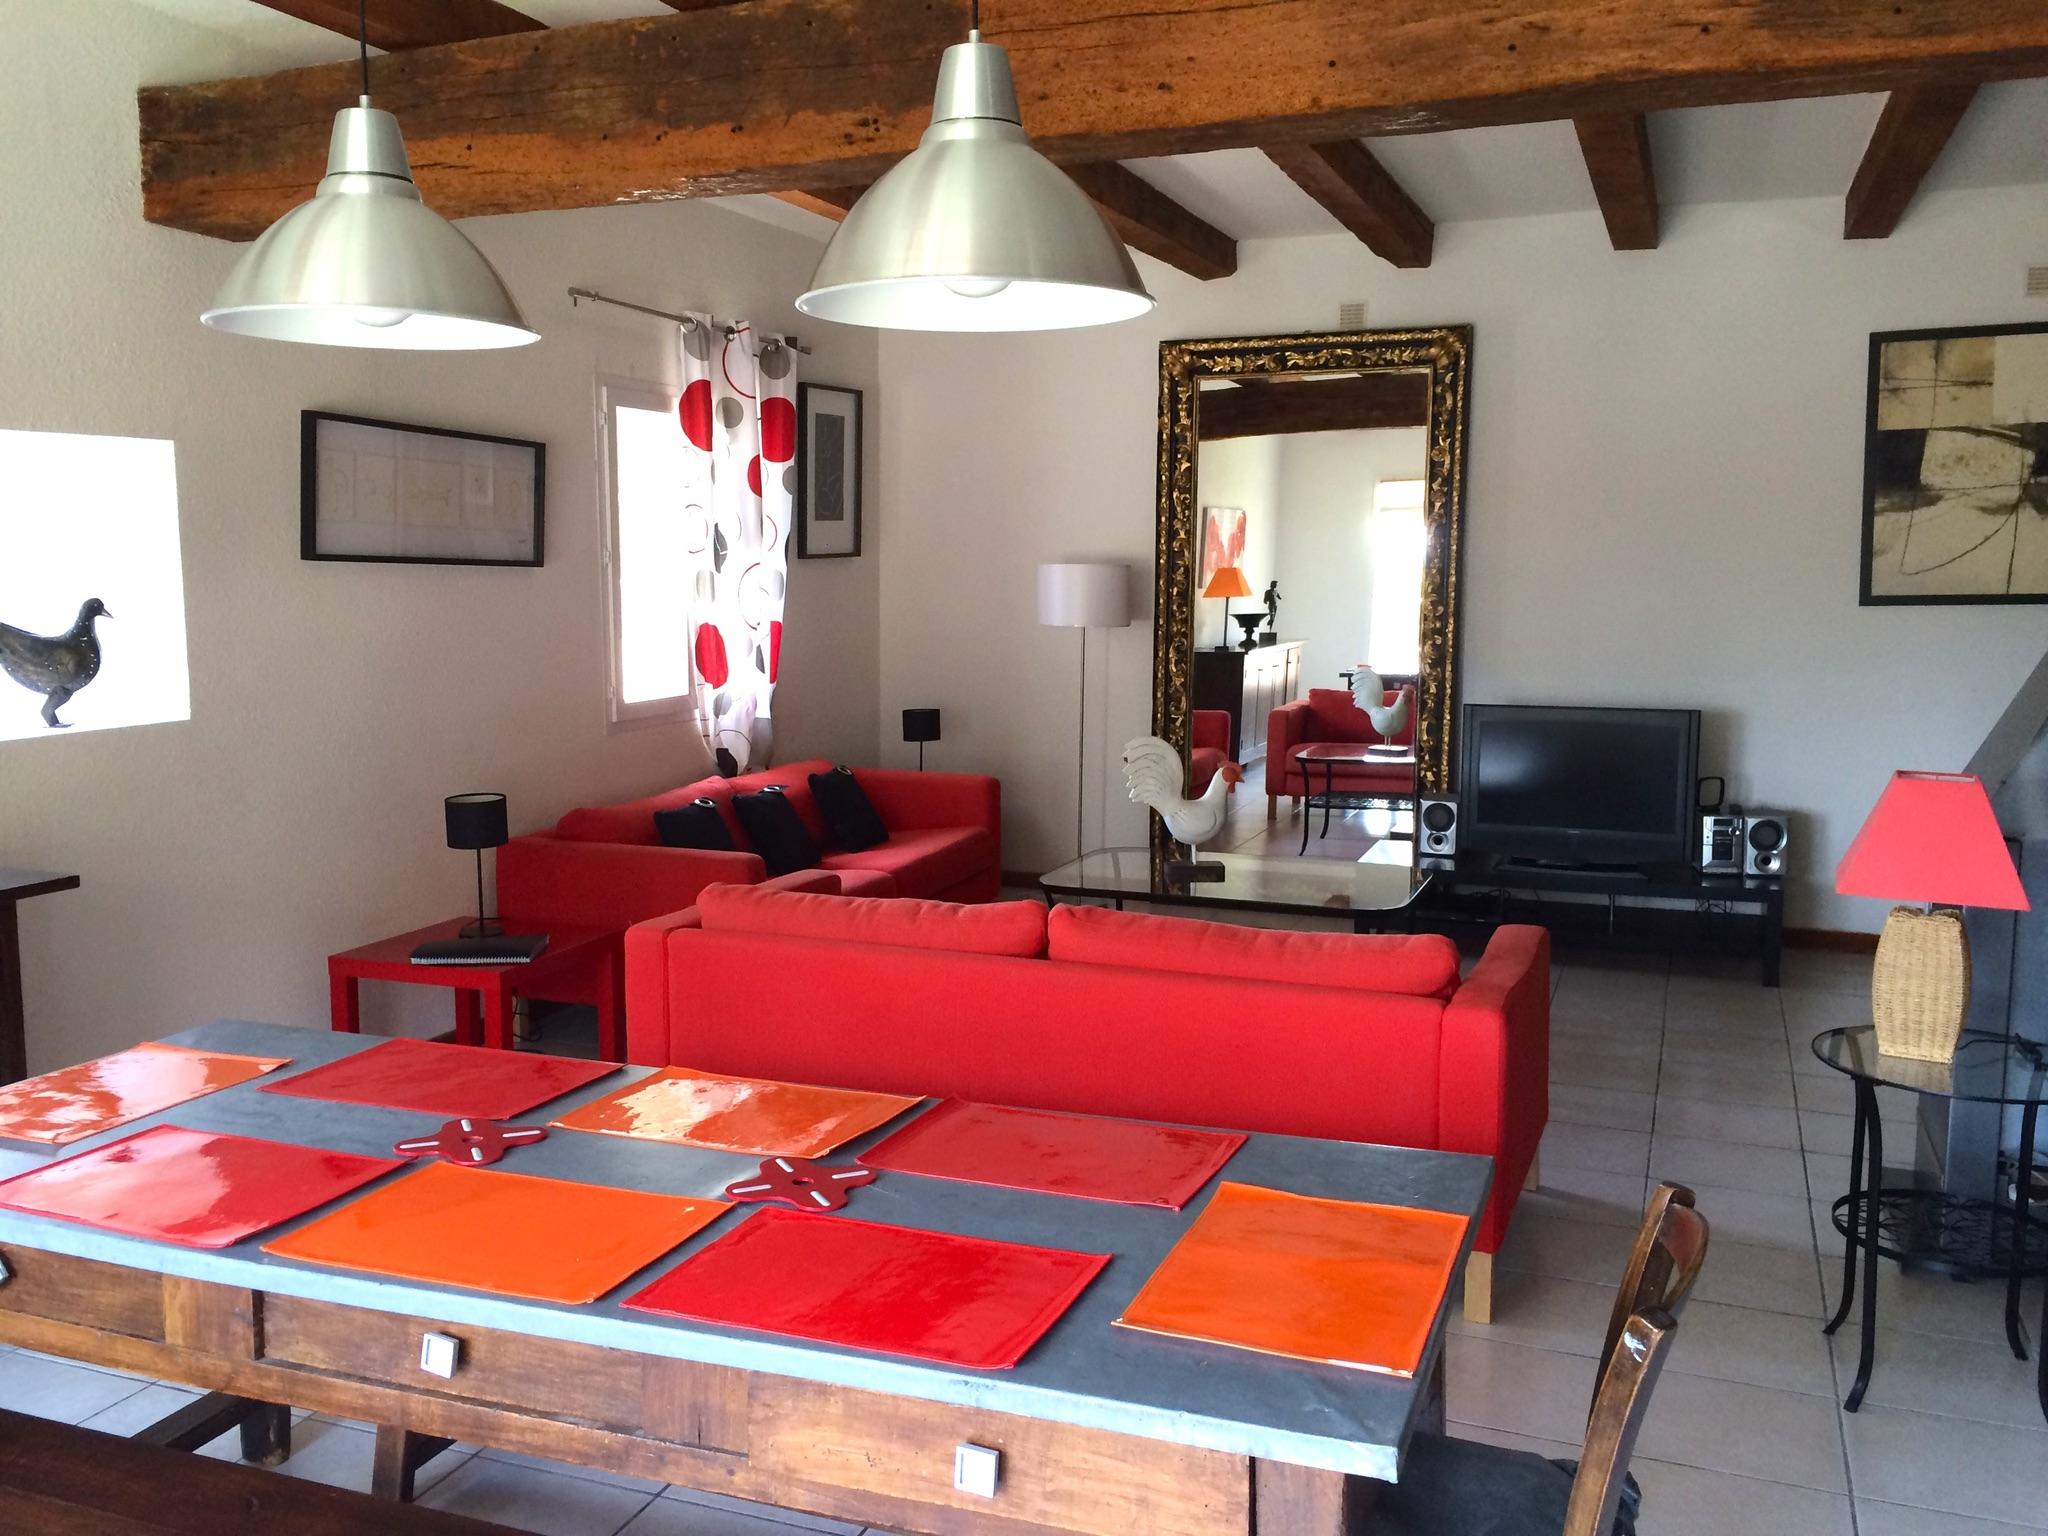 Ferienhaus Bauernhaus in der Languedoc-Roussillon mit Pool und üppigem Garten (2201002), Portiragnes, Mittelmeerküste Hérault, Languedoc-Roussillon, Frankreich, Bild 7